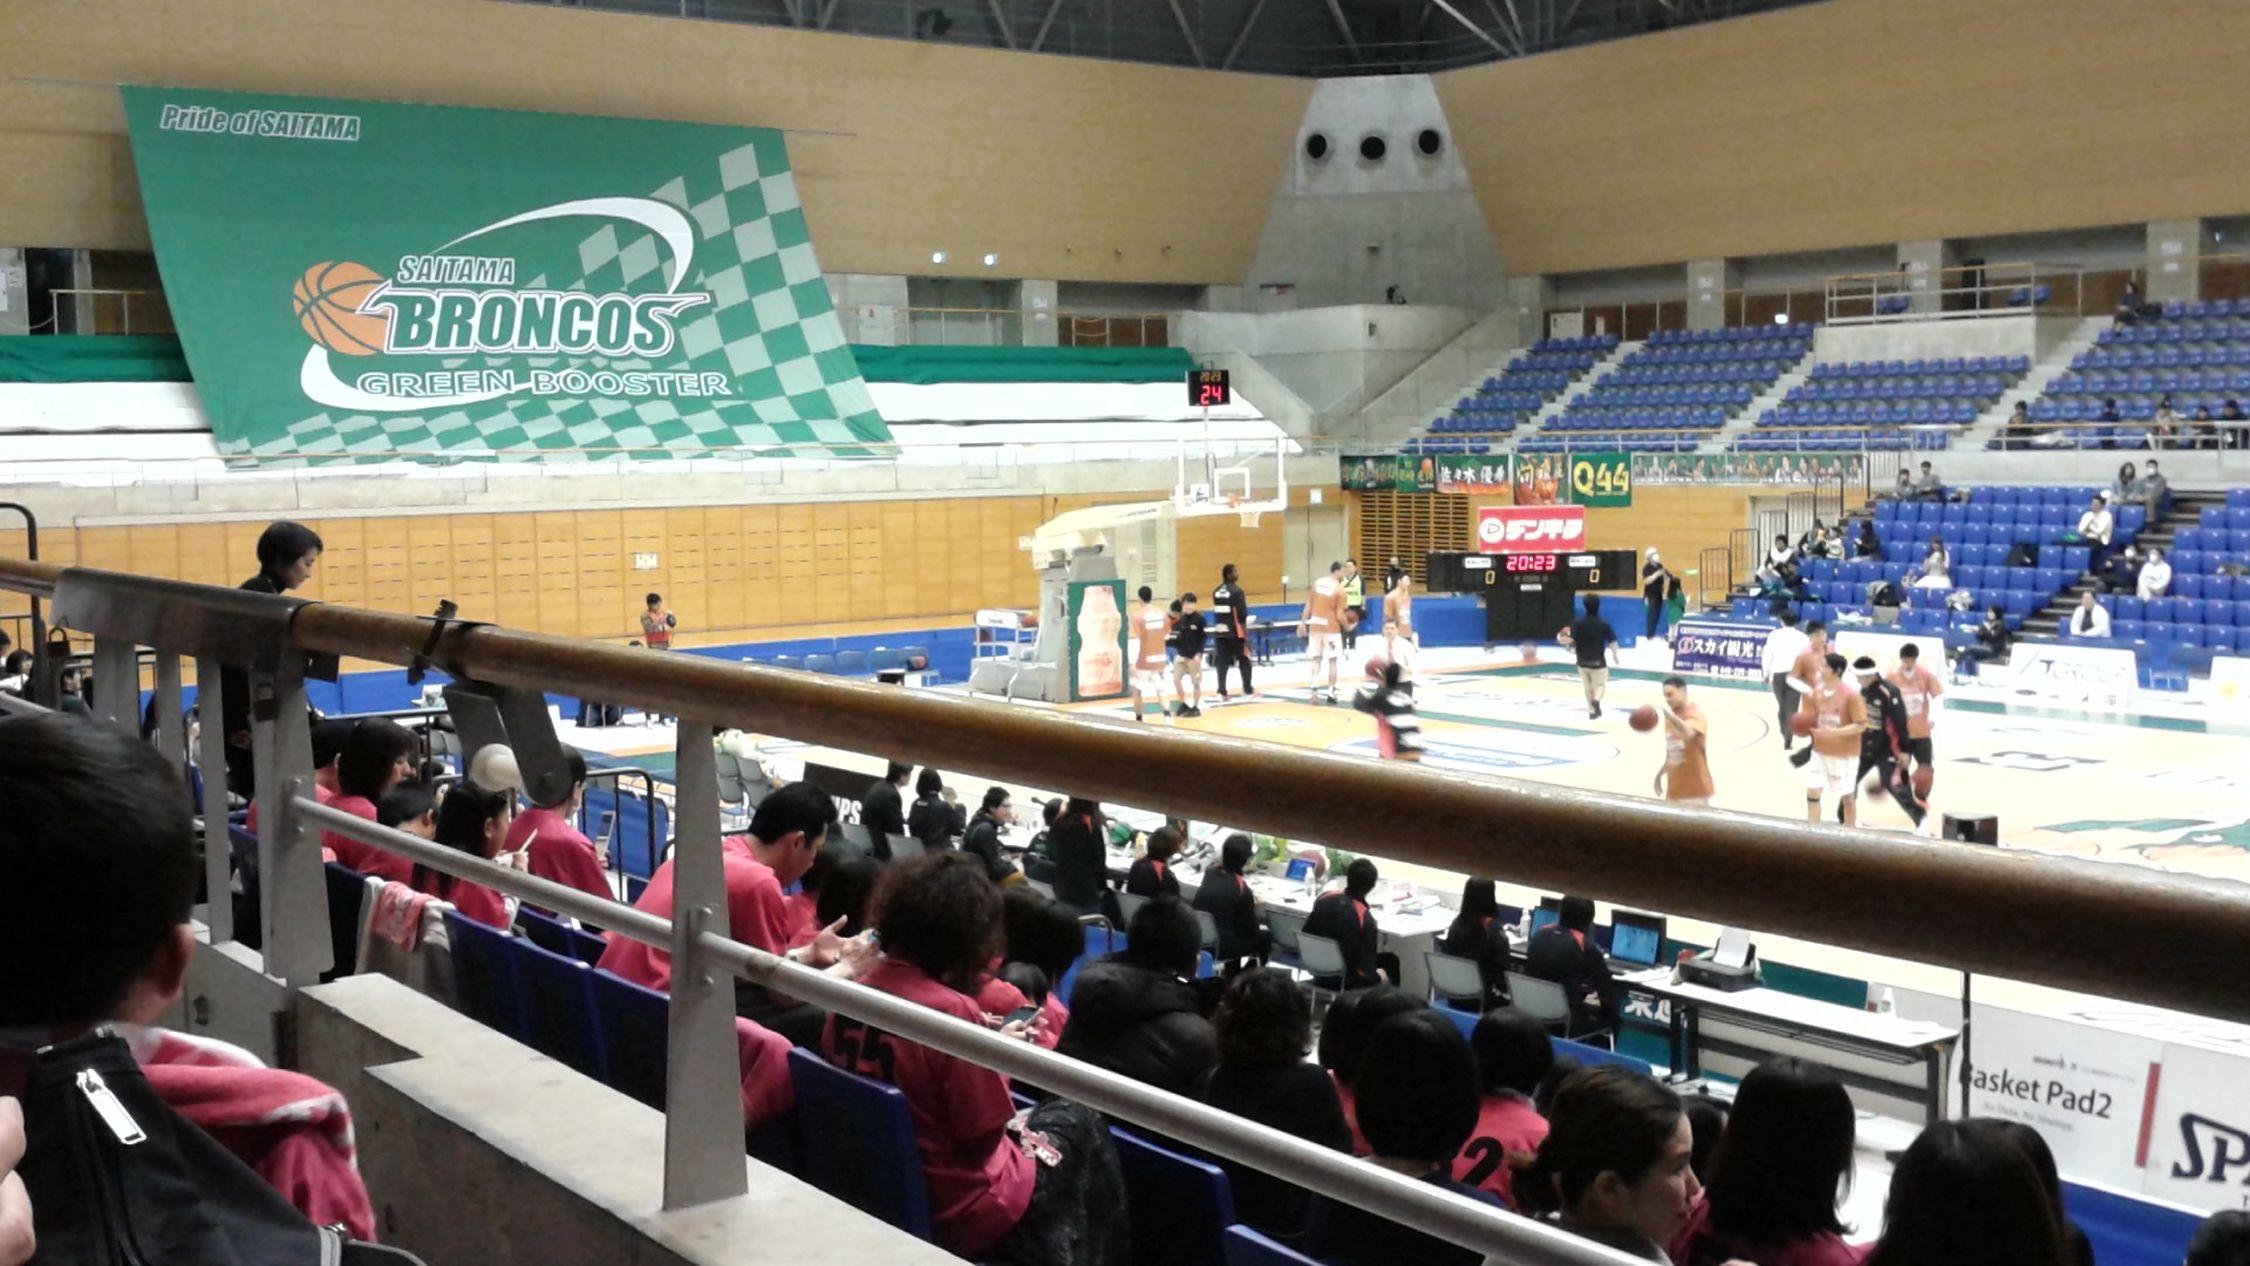 Basketball BJleague Cheer Cheer Akita埼玉で秋田ノーザンハピネッツの応援